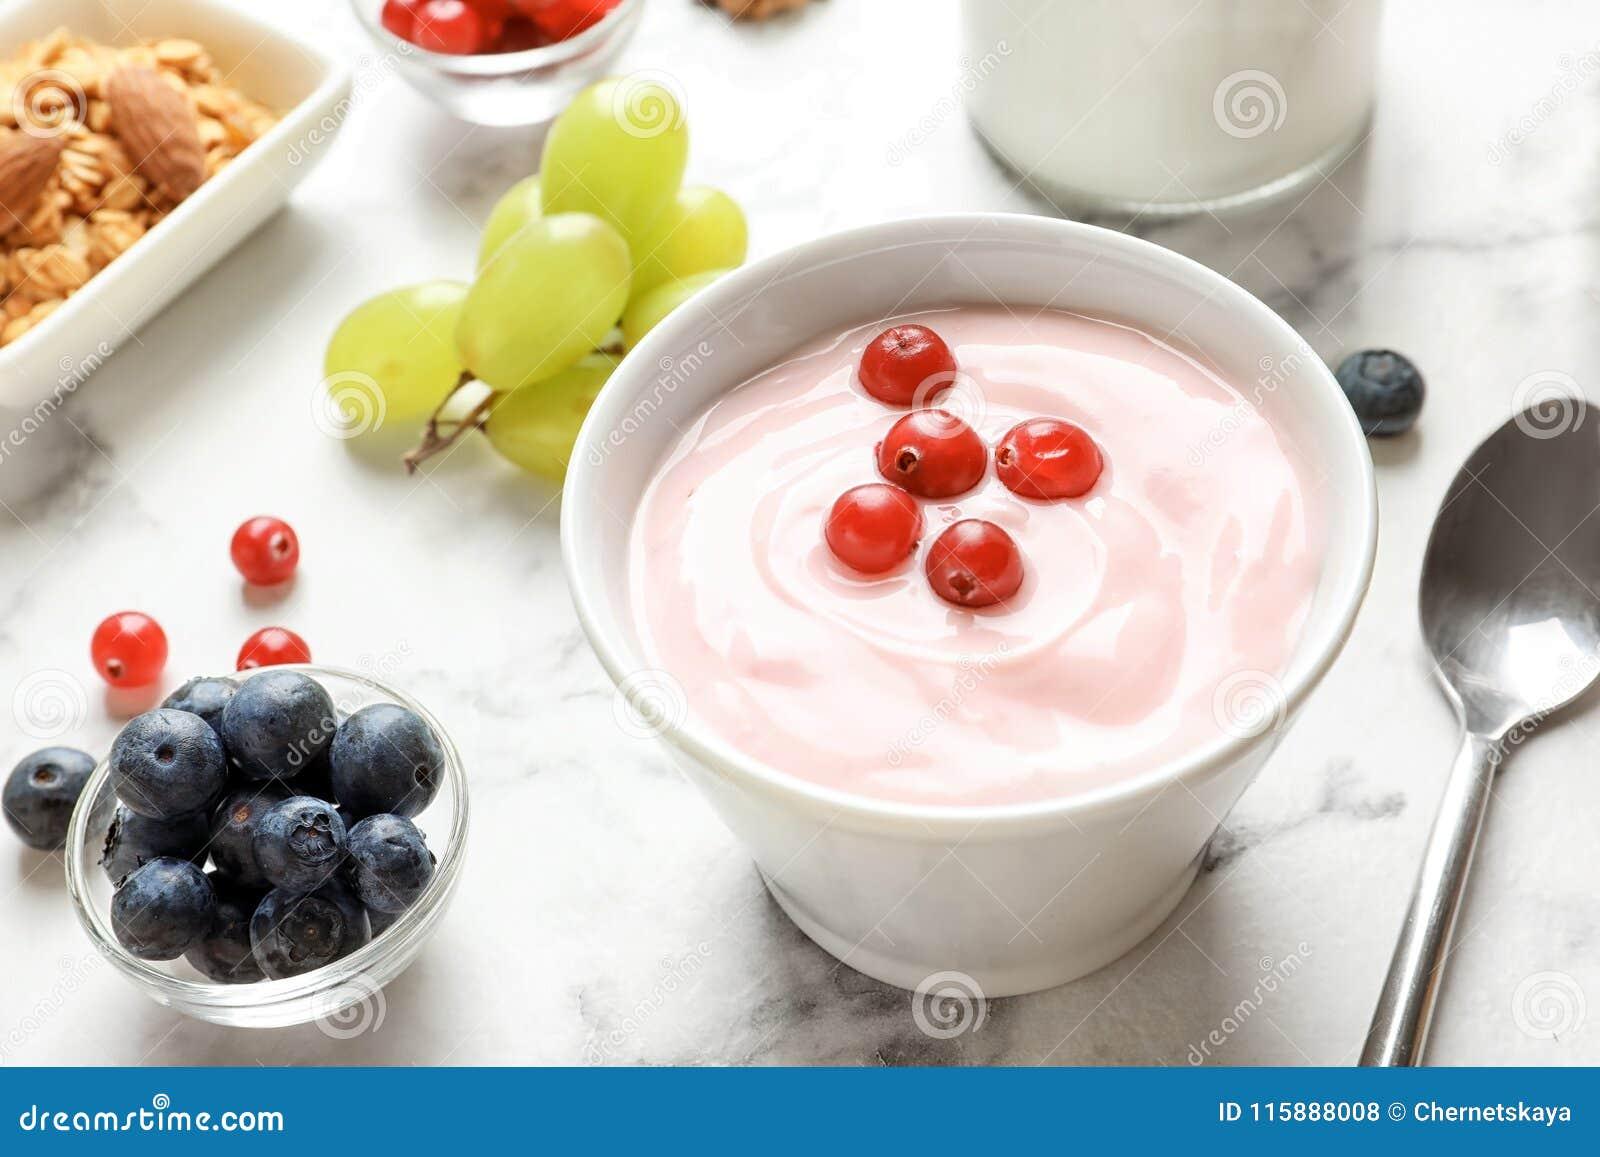 Bunke med smaklig yoghurt och bär